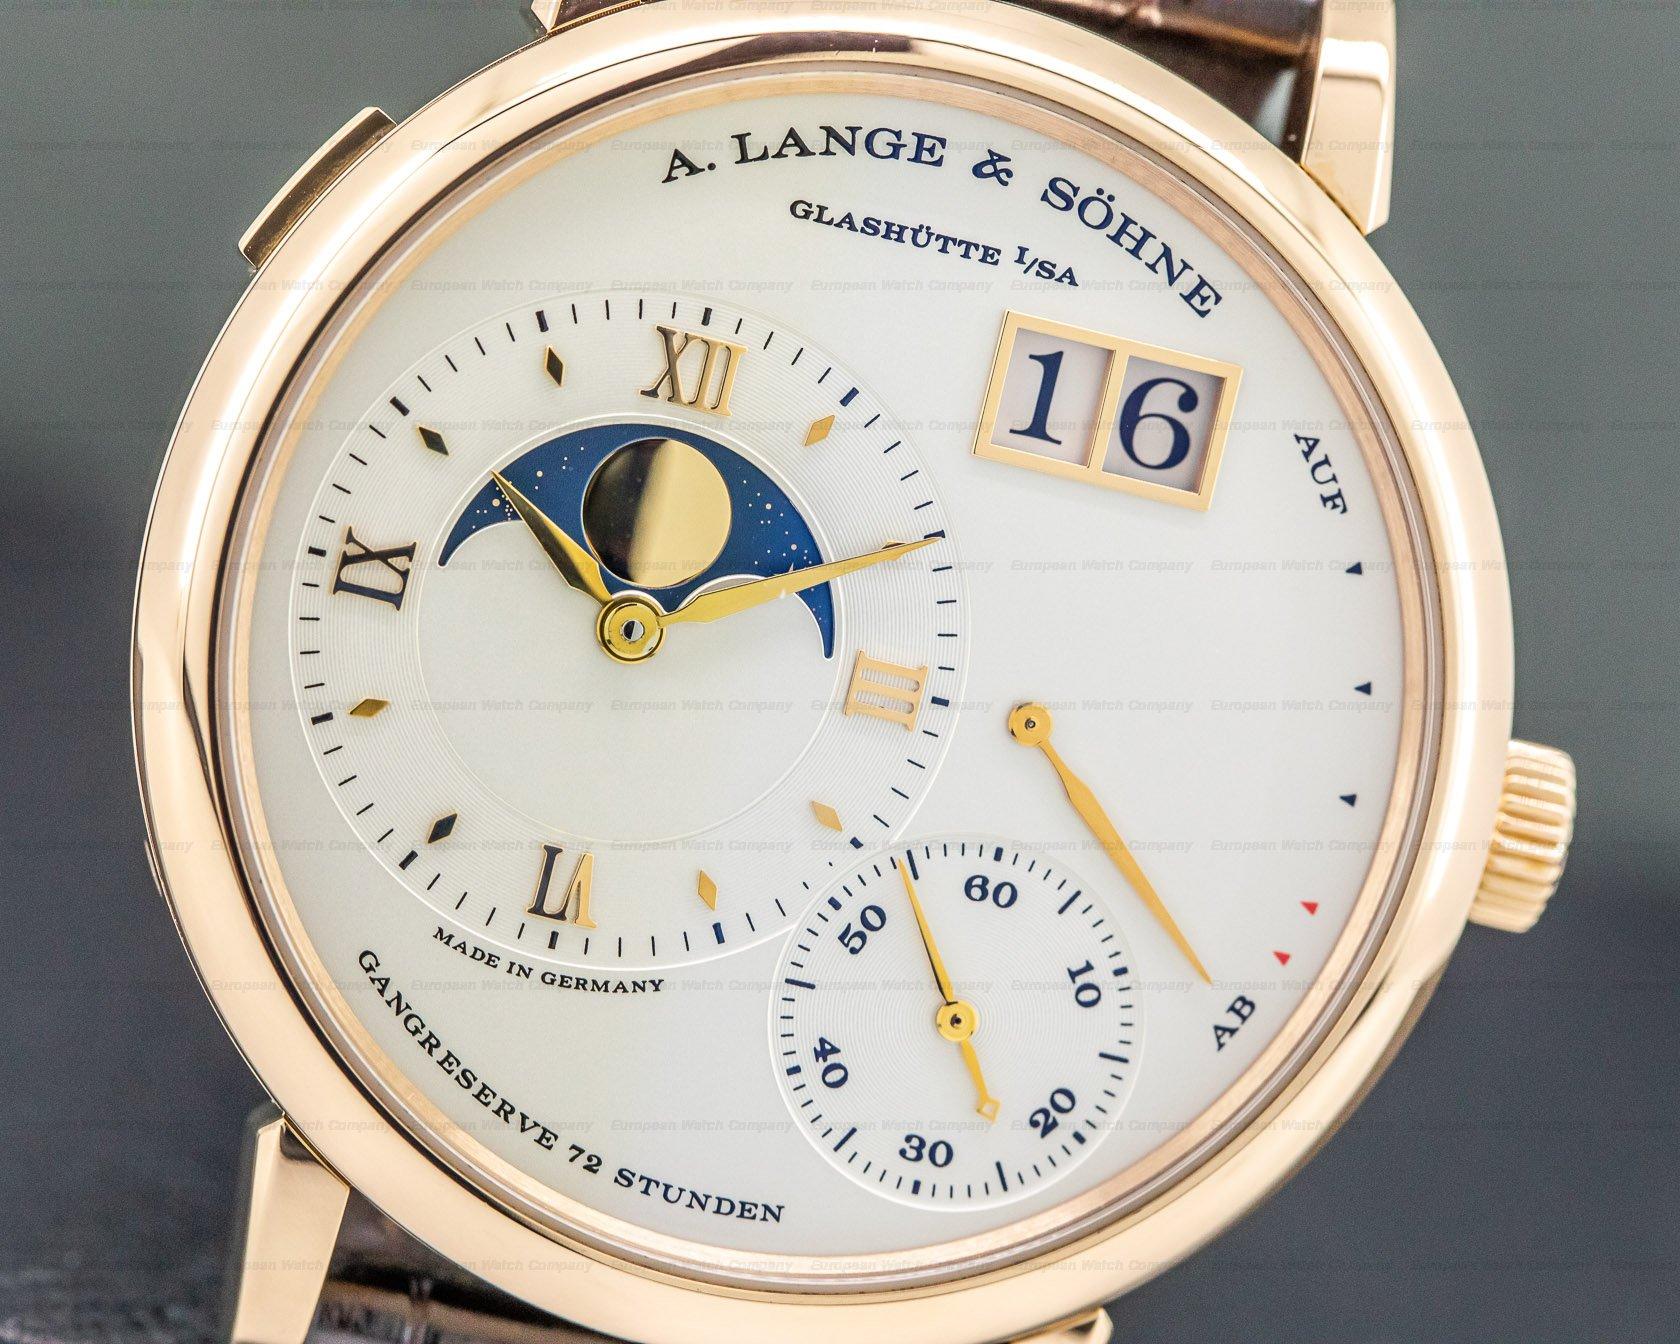 A. Lange and Sohne 139.032 Grande Lange 1 Moon Rose Gold / Deployment Buckle